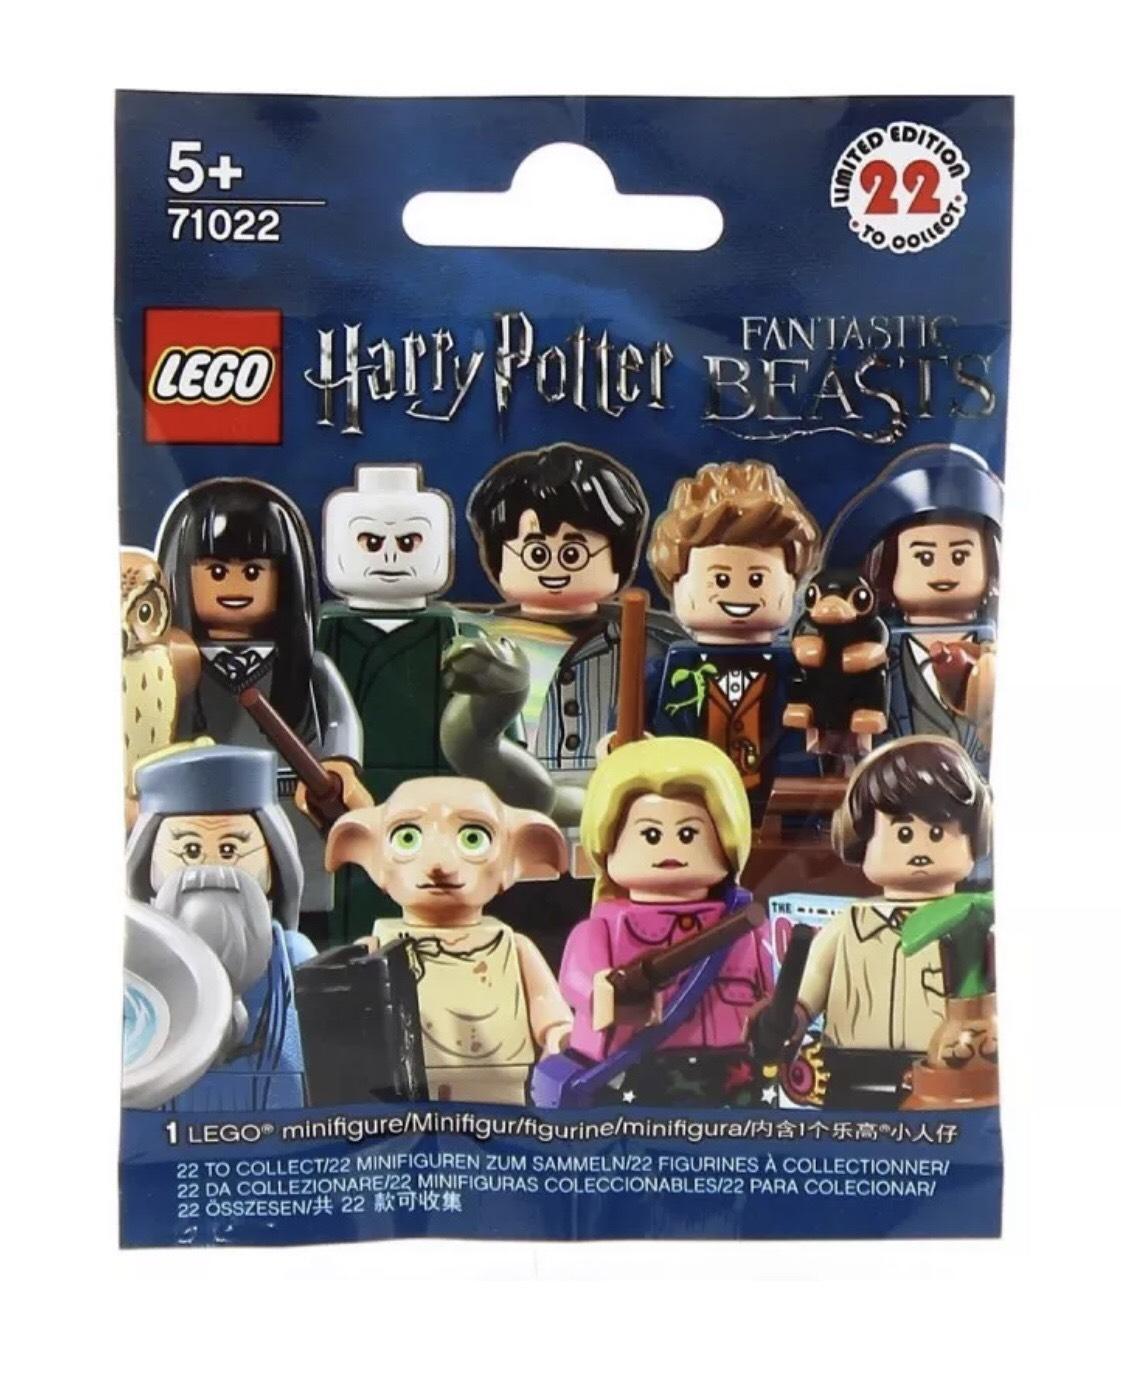 ¡Lego Harry Potter sobre sorpresa 3,99€! Envío gratis España